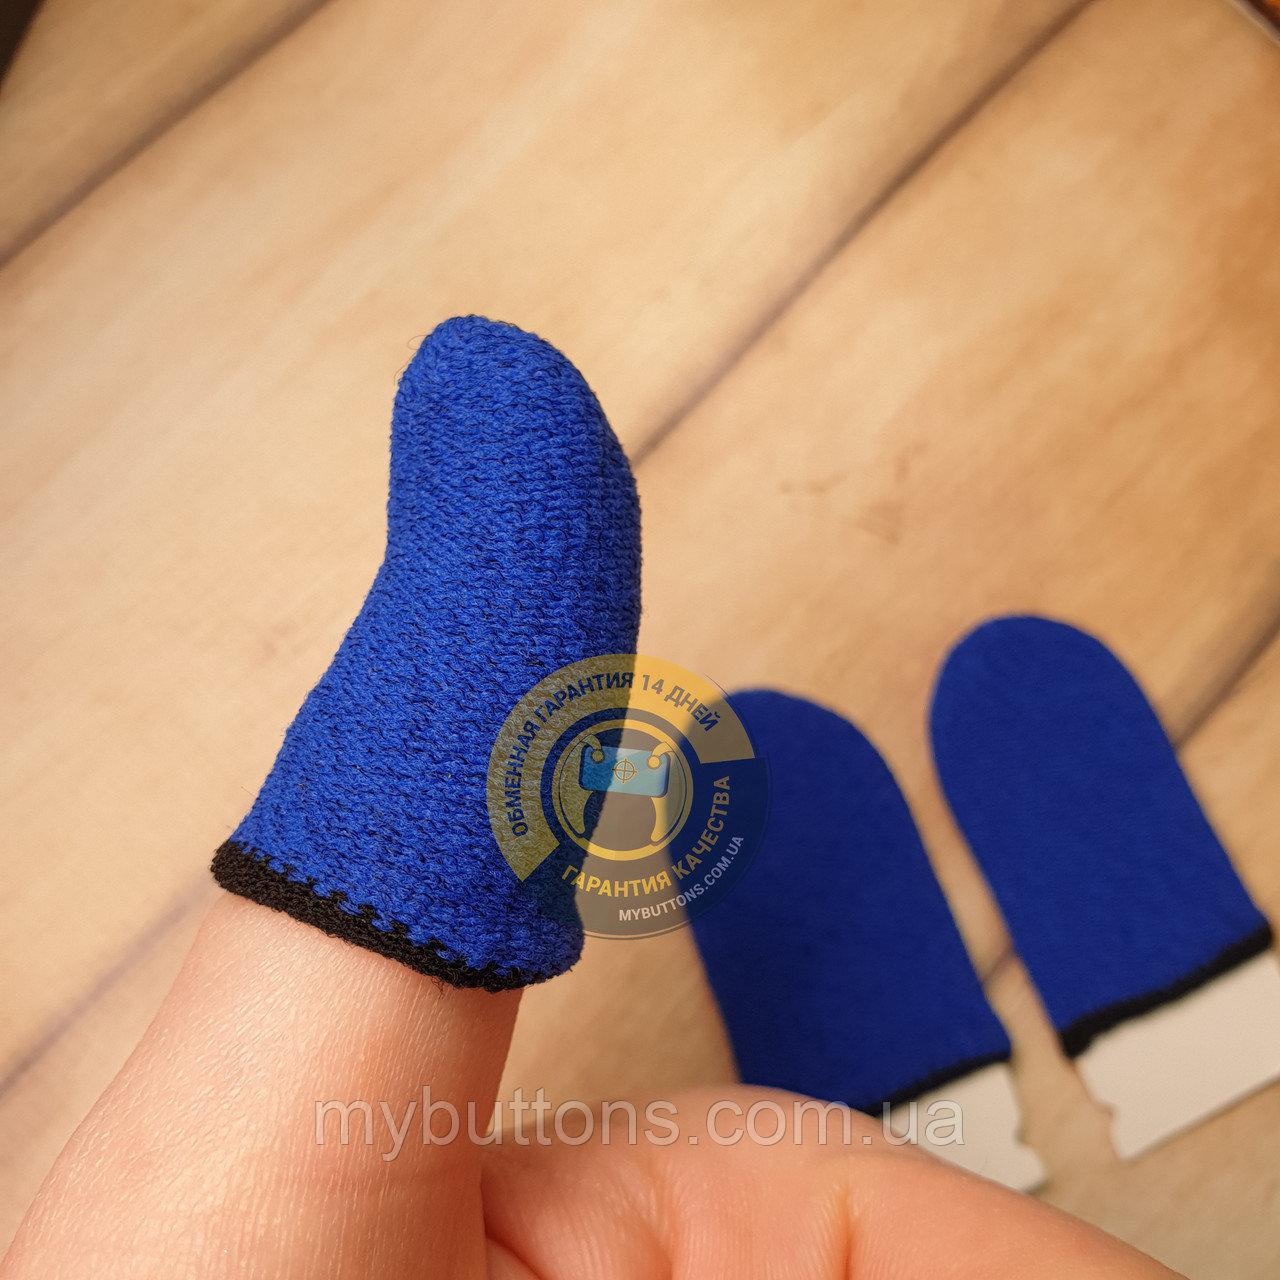 Игровые напальчники FlyLight Soft Blue для игры на телефоне